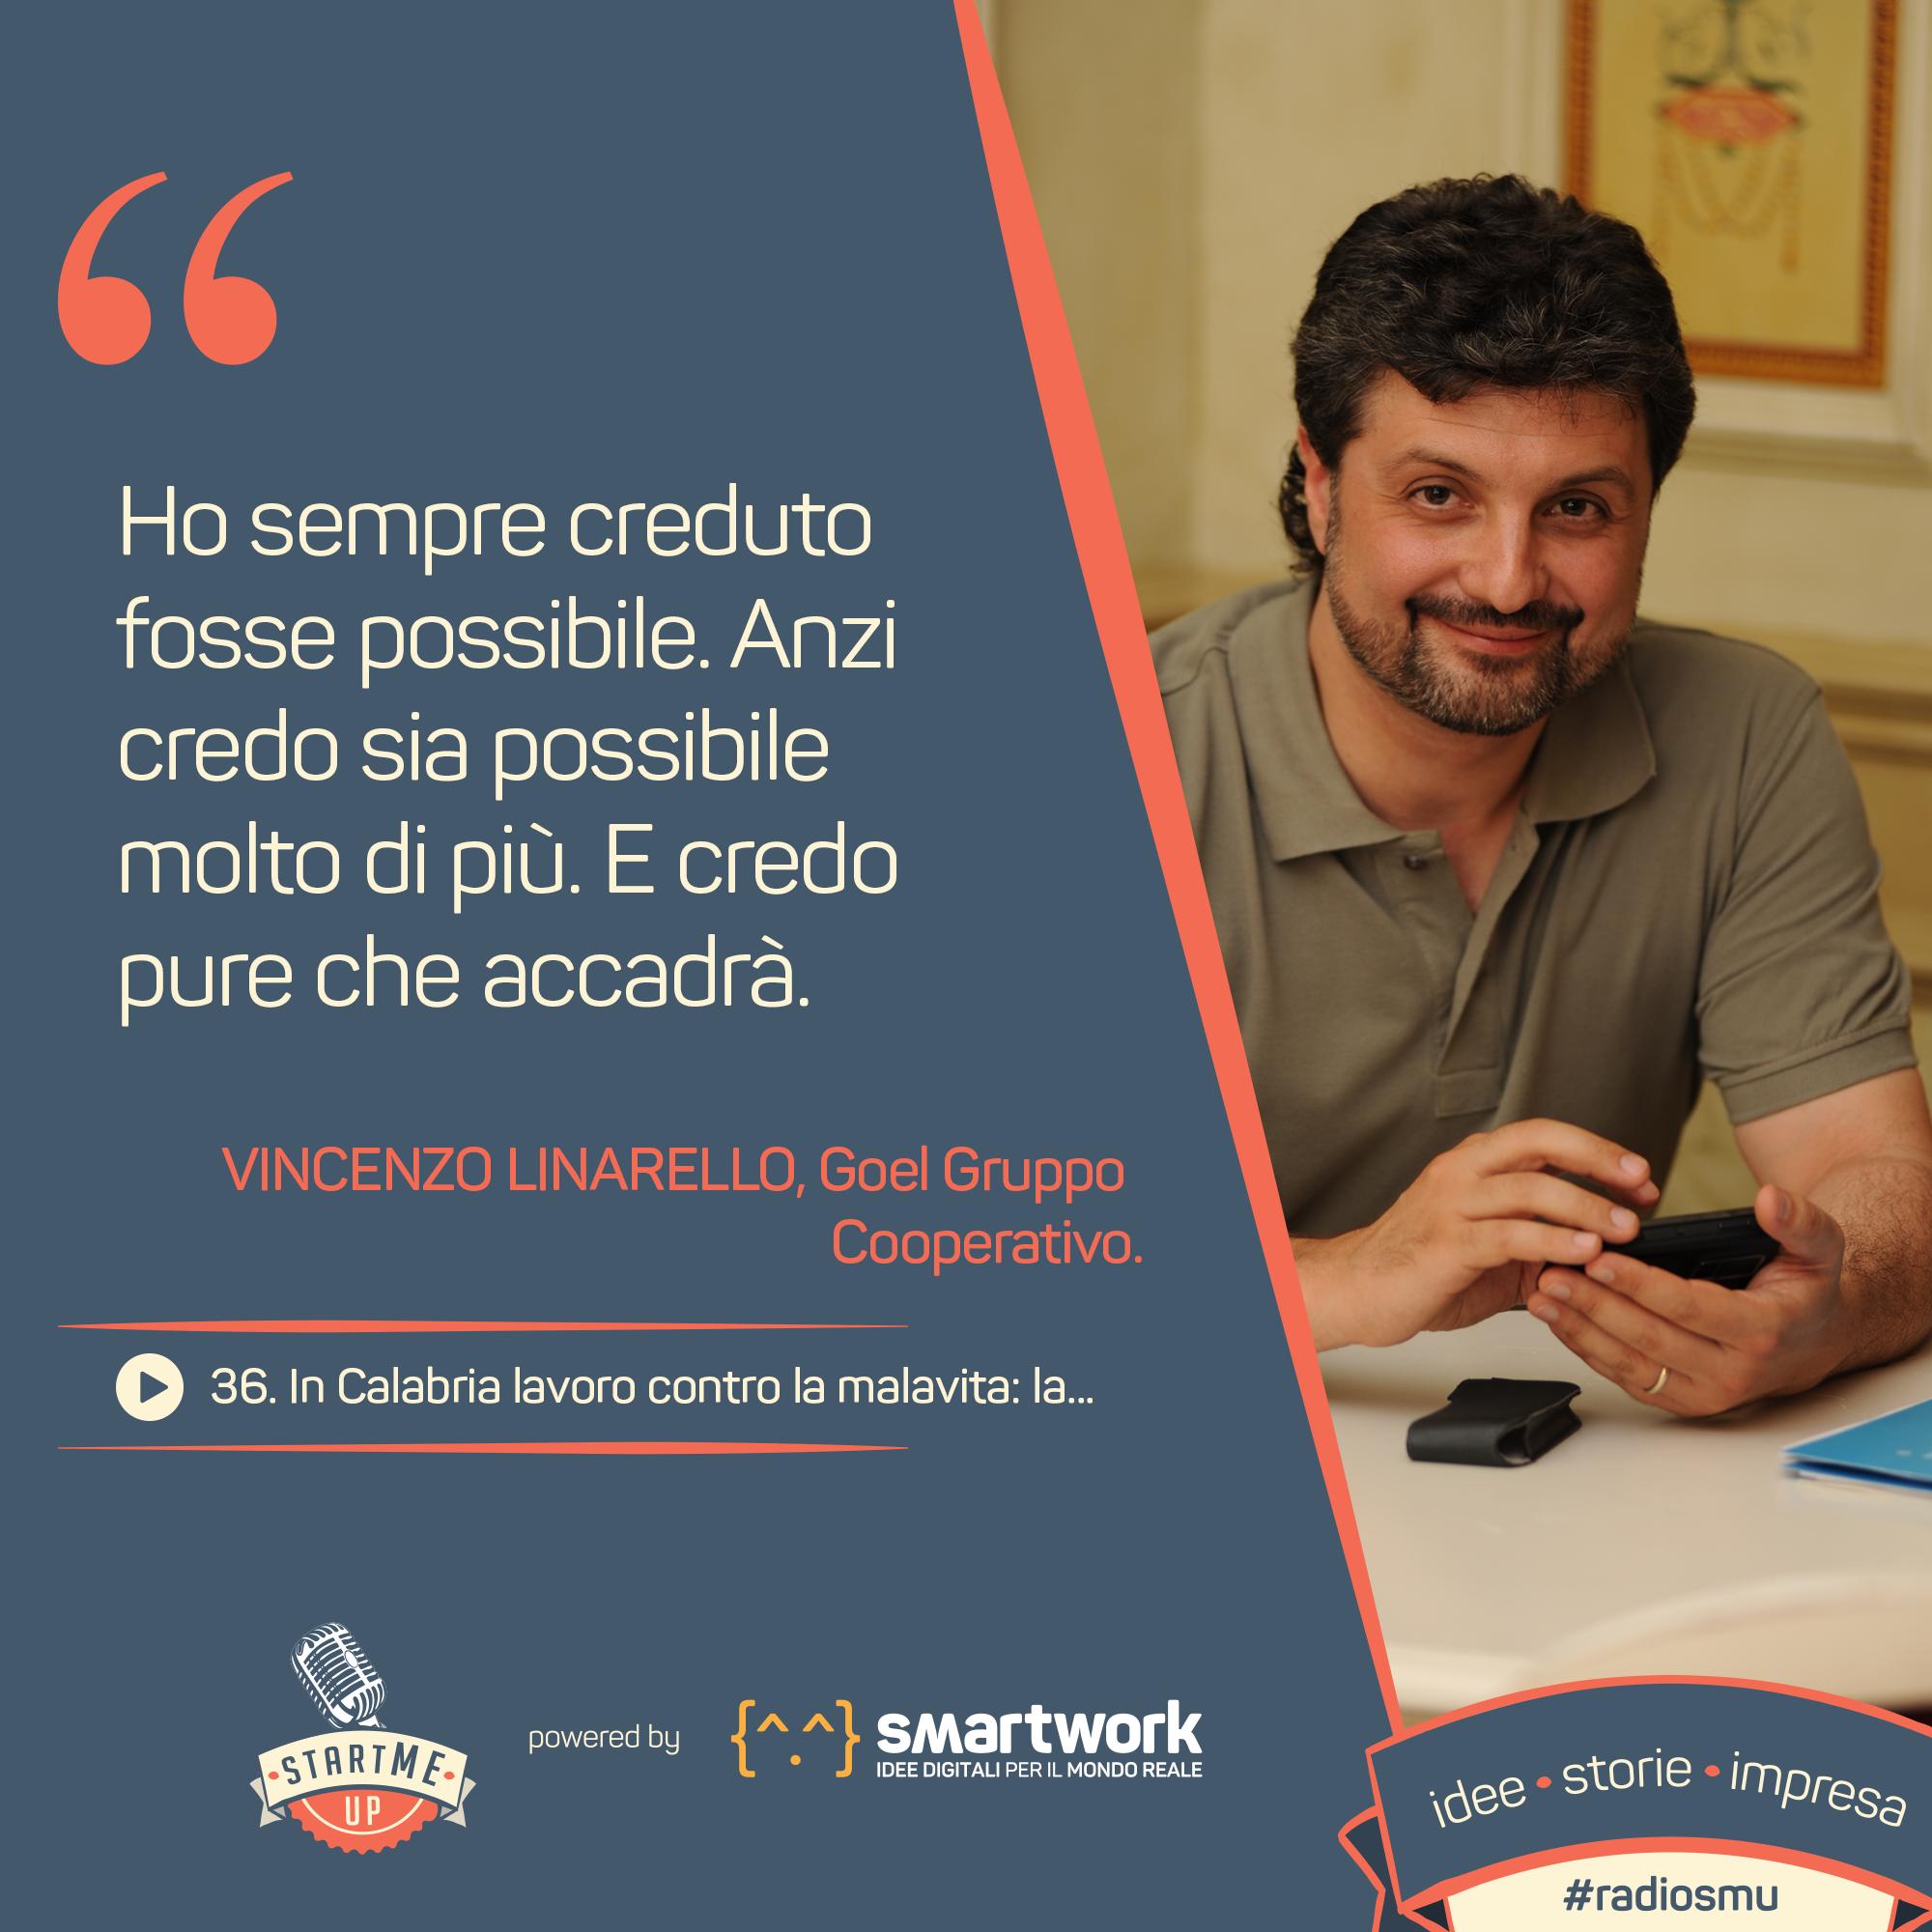 La citazione di Vincenzo Linarello